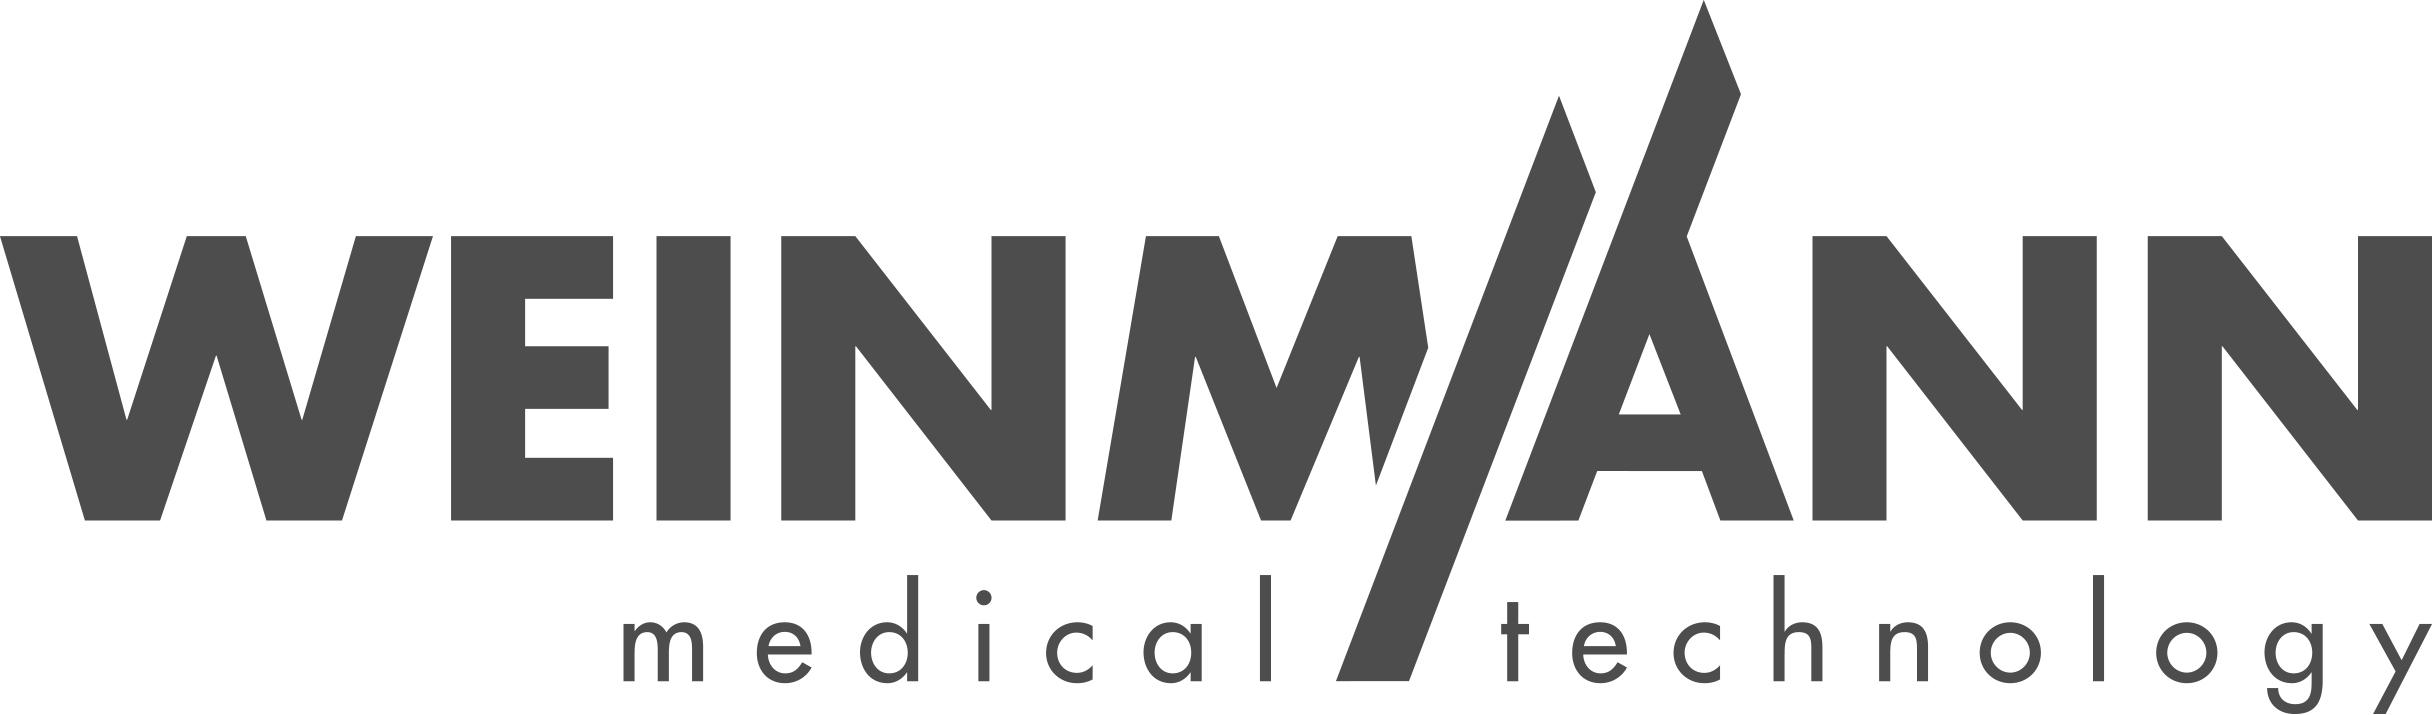 WEINMANN Emergency Medical Technology GmbH + Co.KG